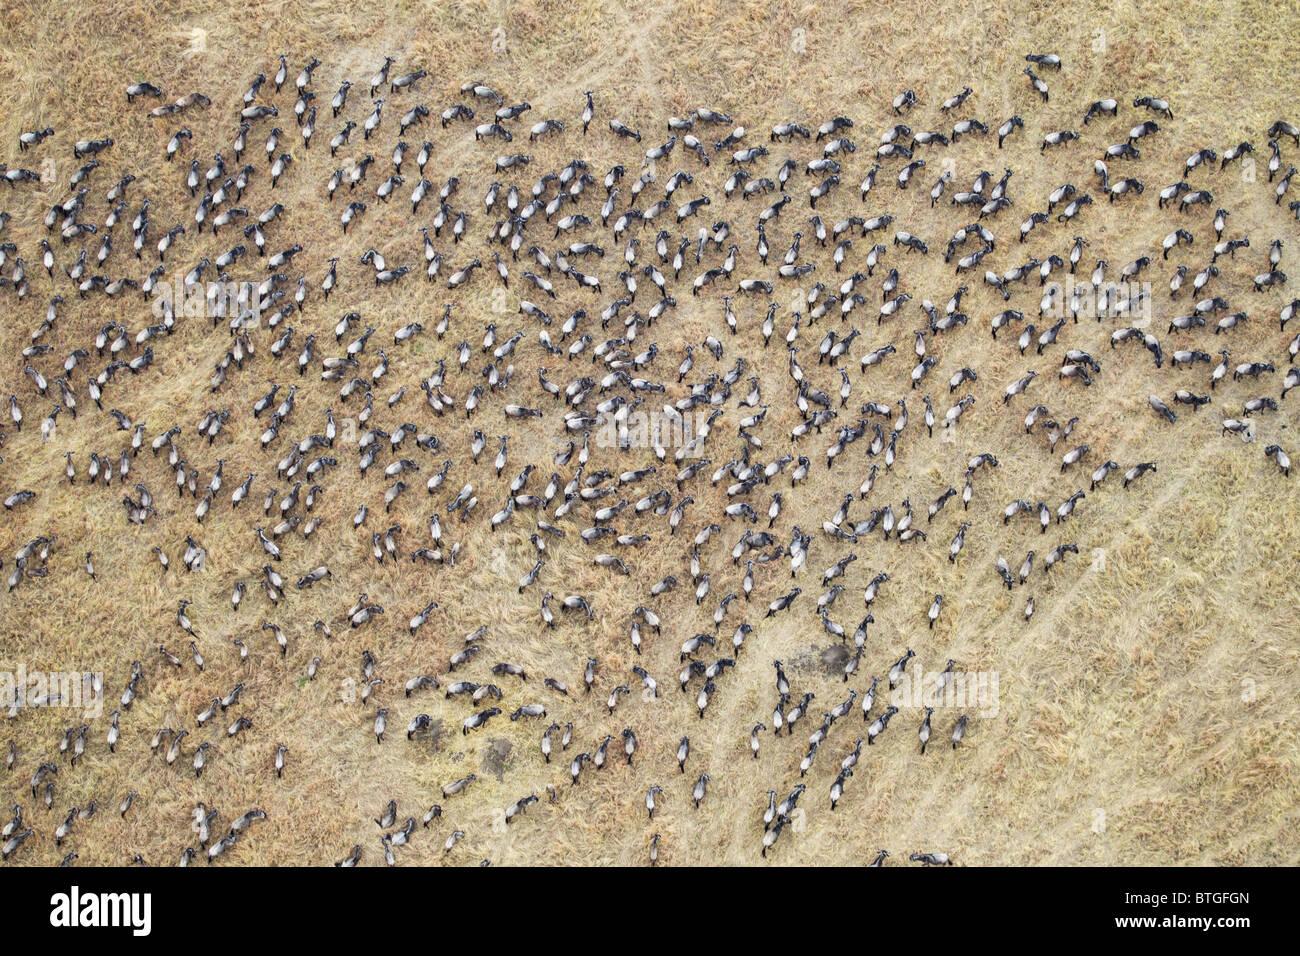 Luftaufnahme der Gnuwanderung. Bis zu 1,5 Millionen Gnus ziehen durch die Mara/Serengeti jedes Jahr. Kenia Stockbild